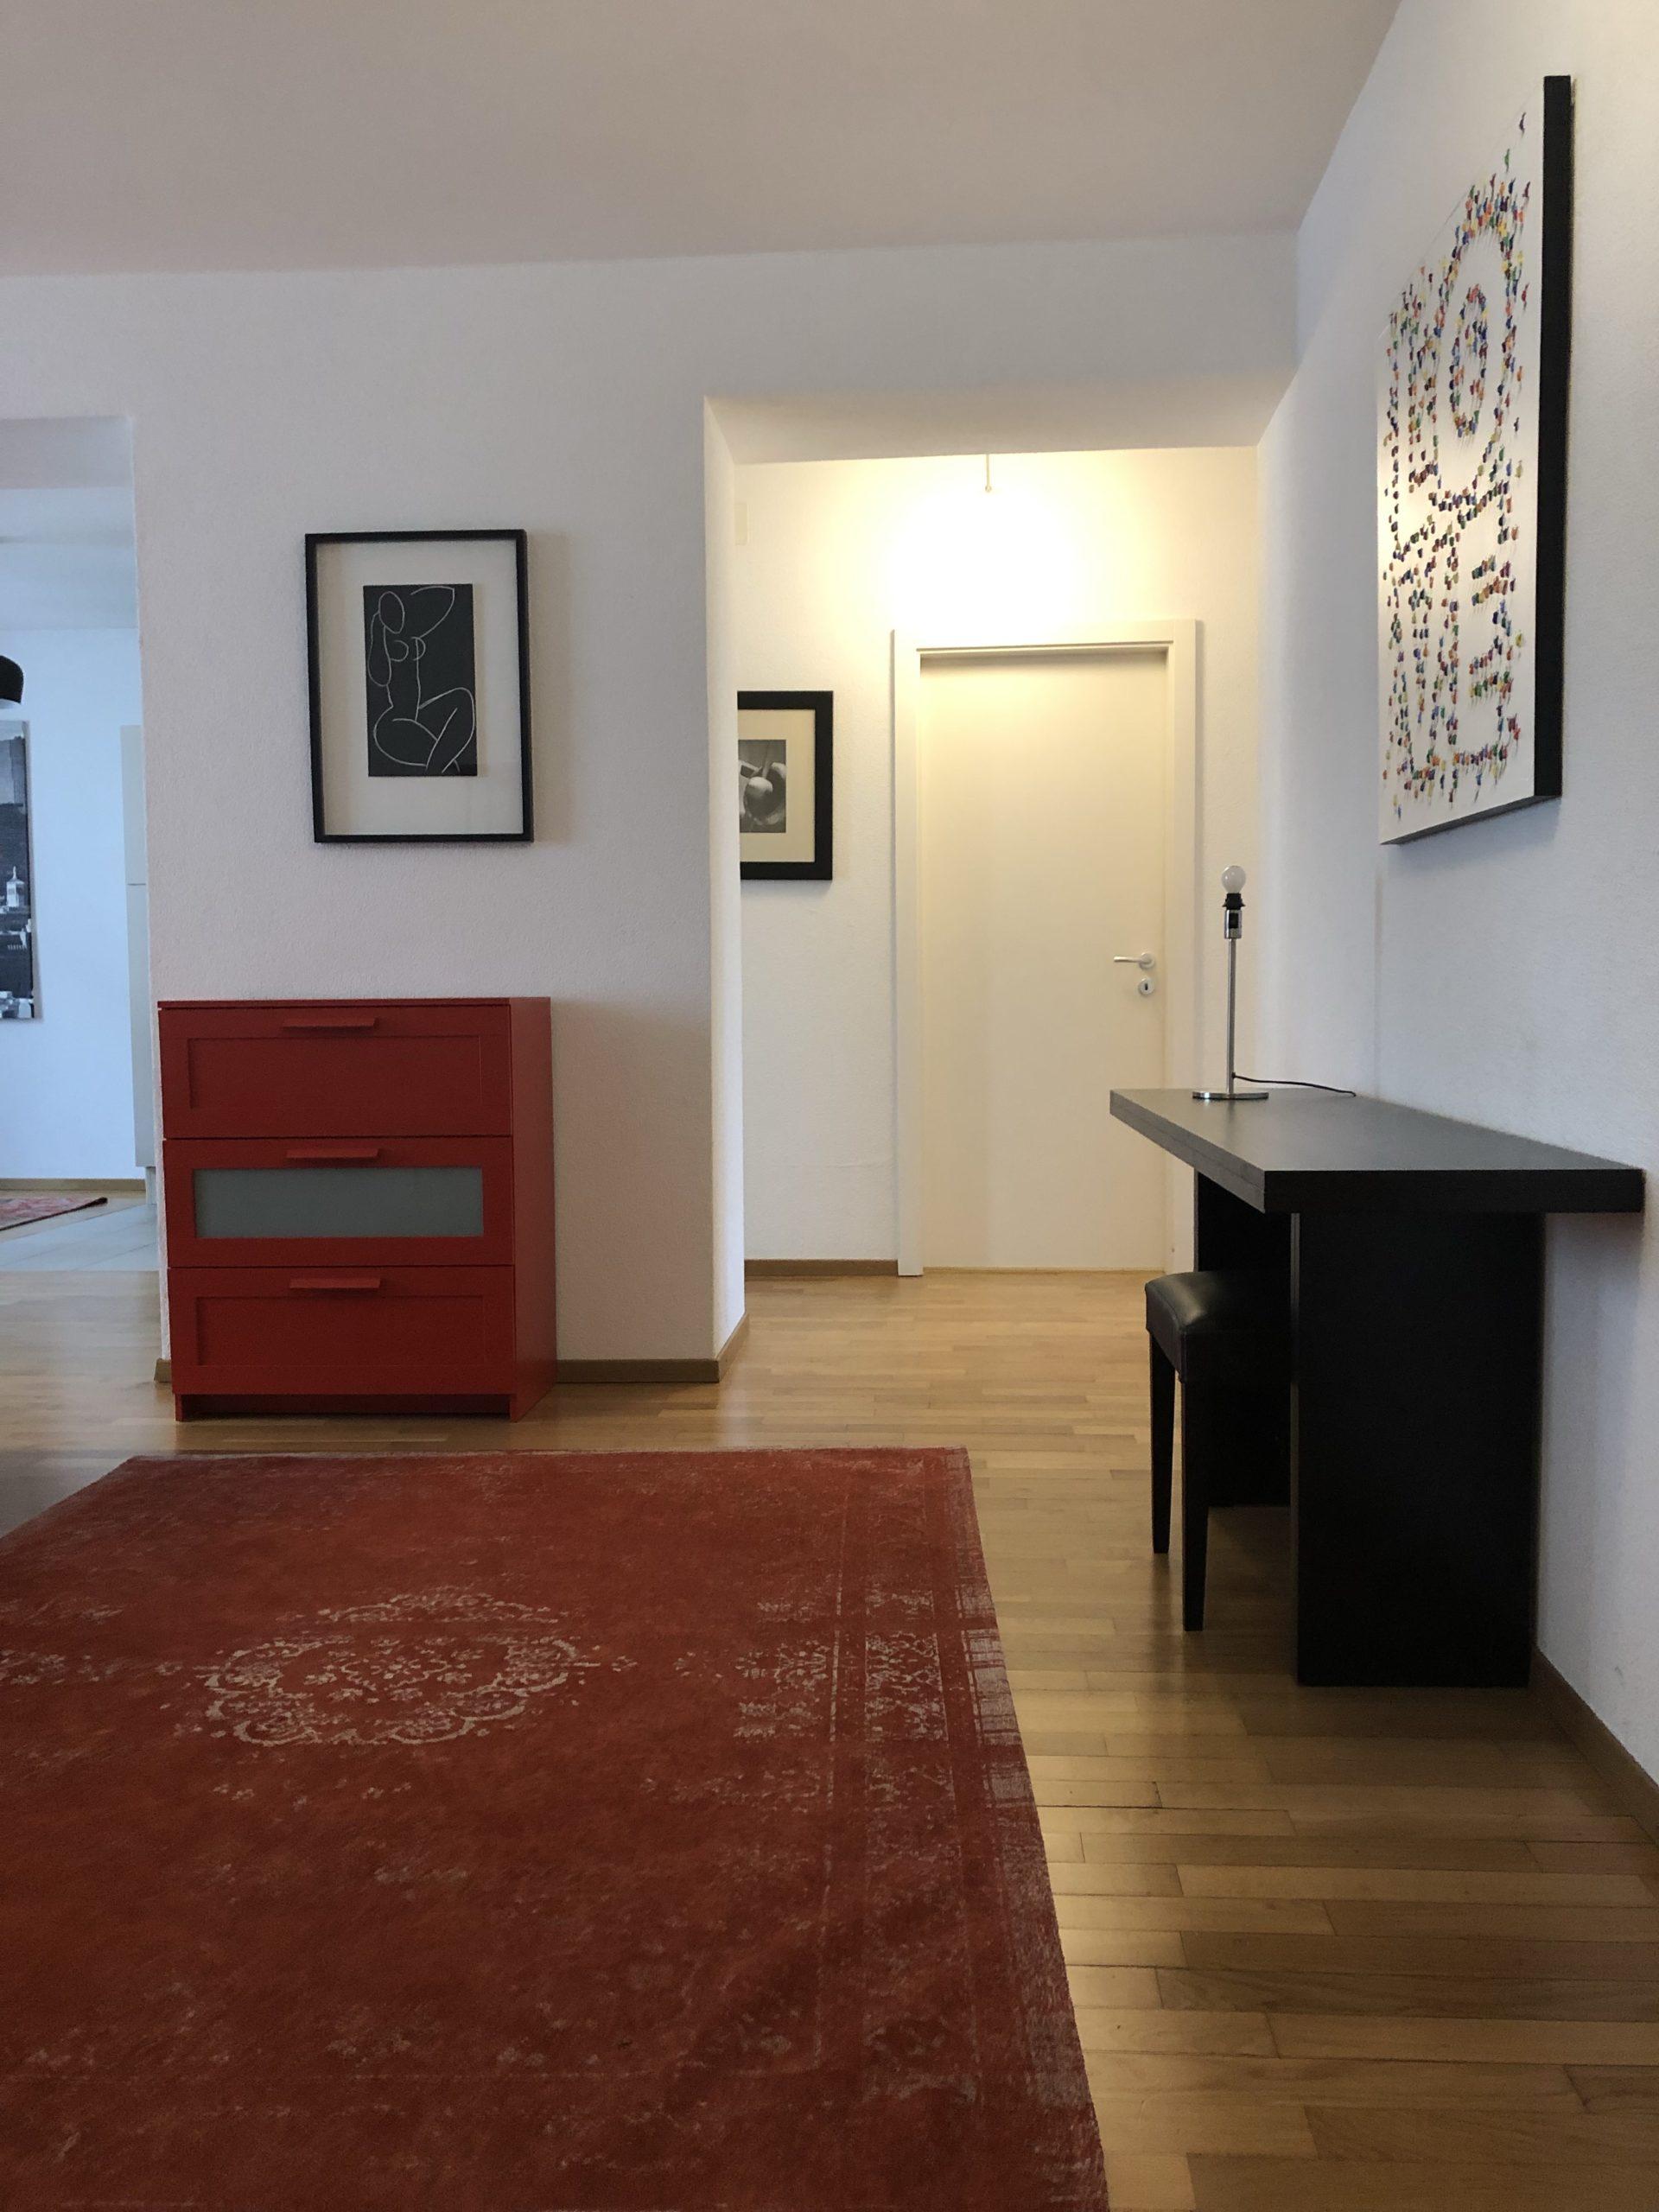 Ch. du Closelet 4, Lausanne - 3,5 pièces - Lot 31 26